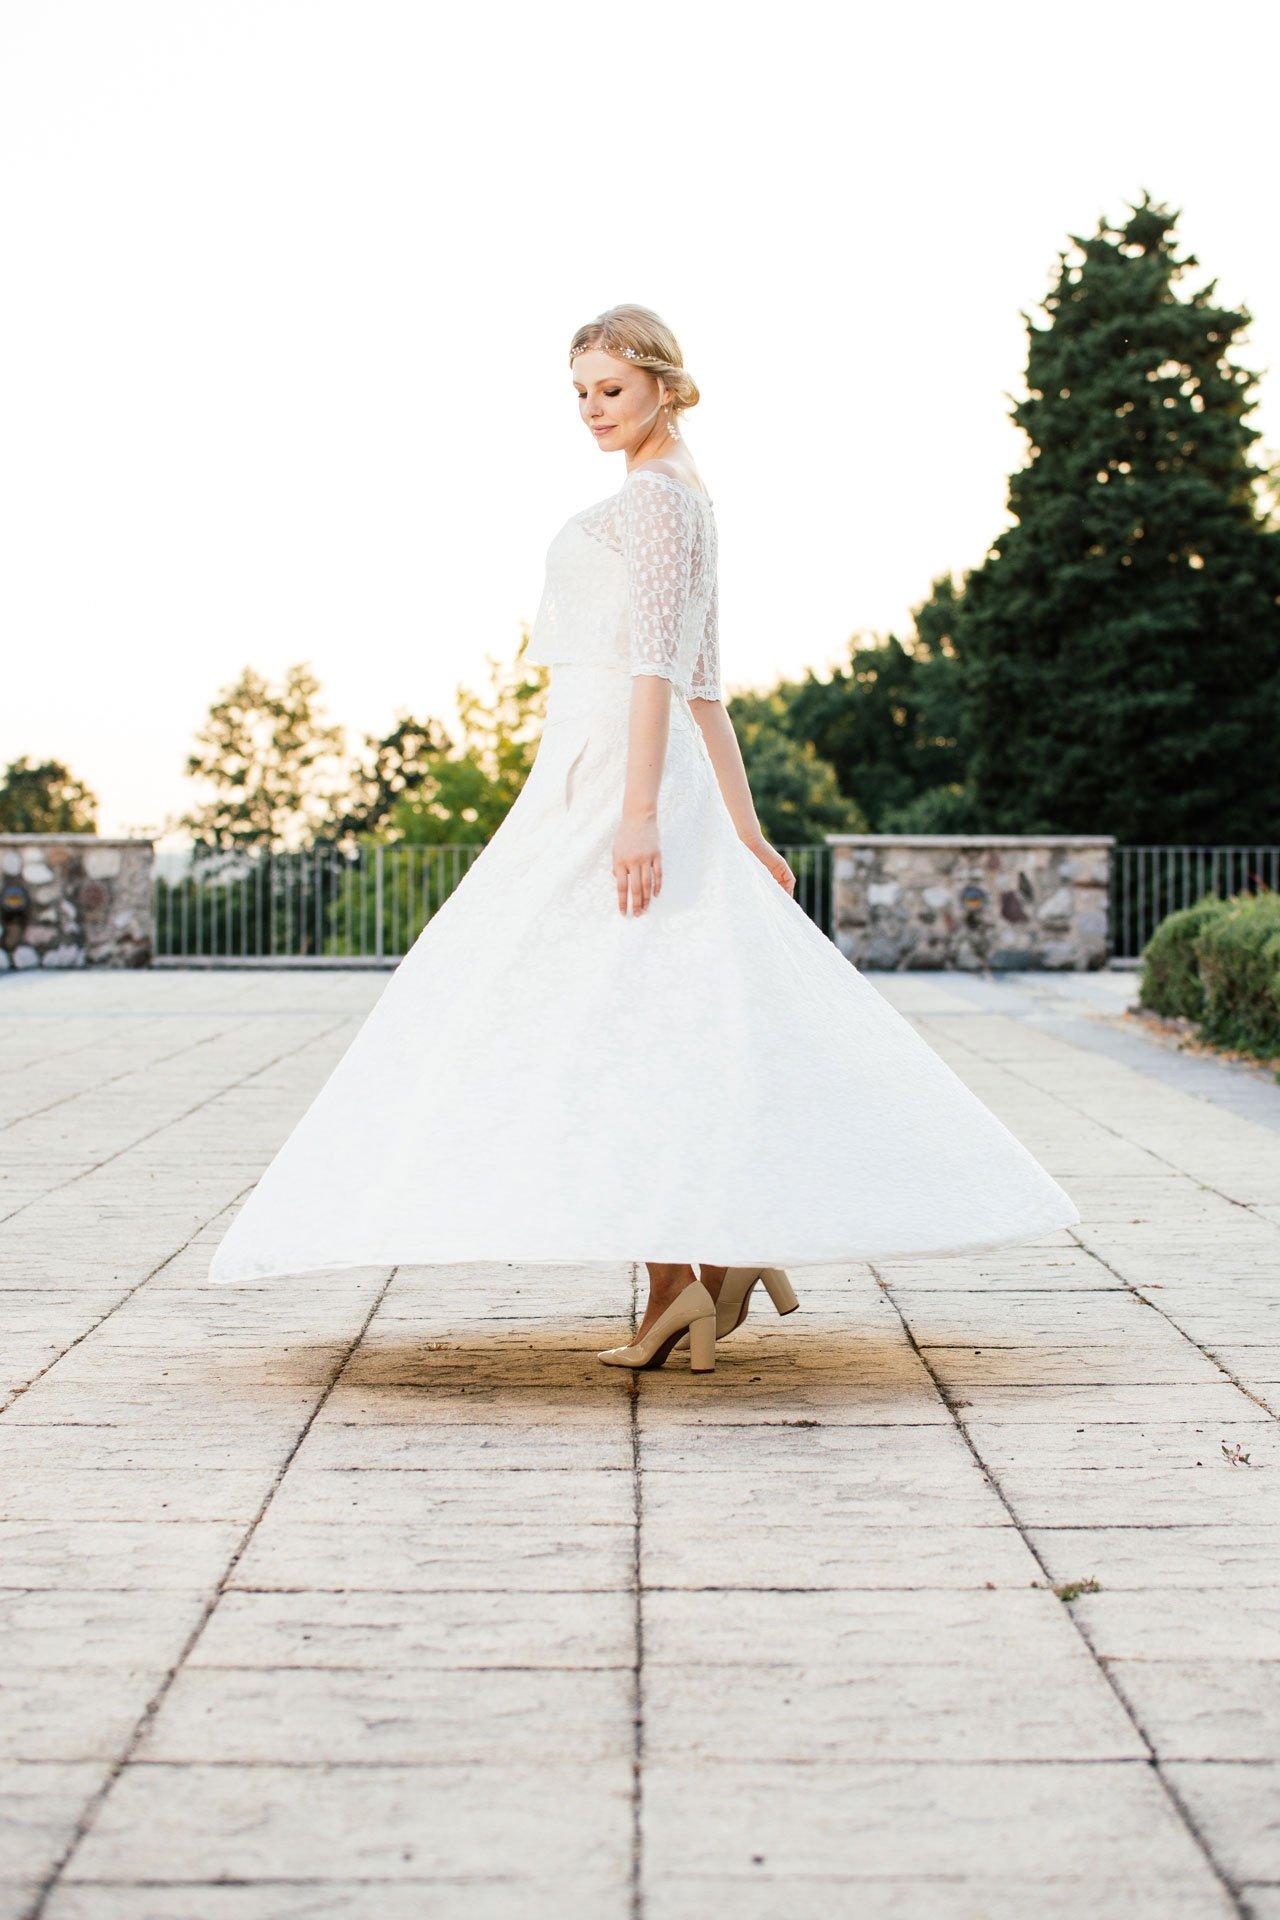 Brautkleid A-Linie - mit tiefer Corsage zum Tanzen